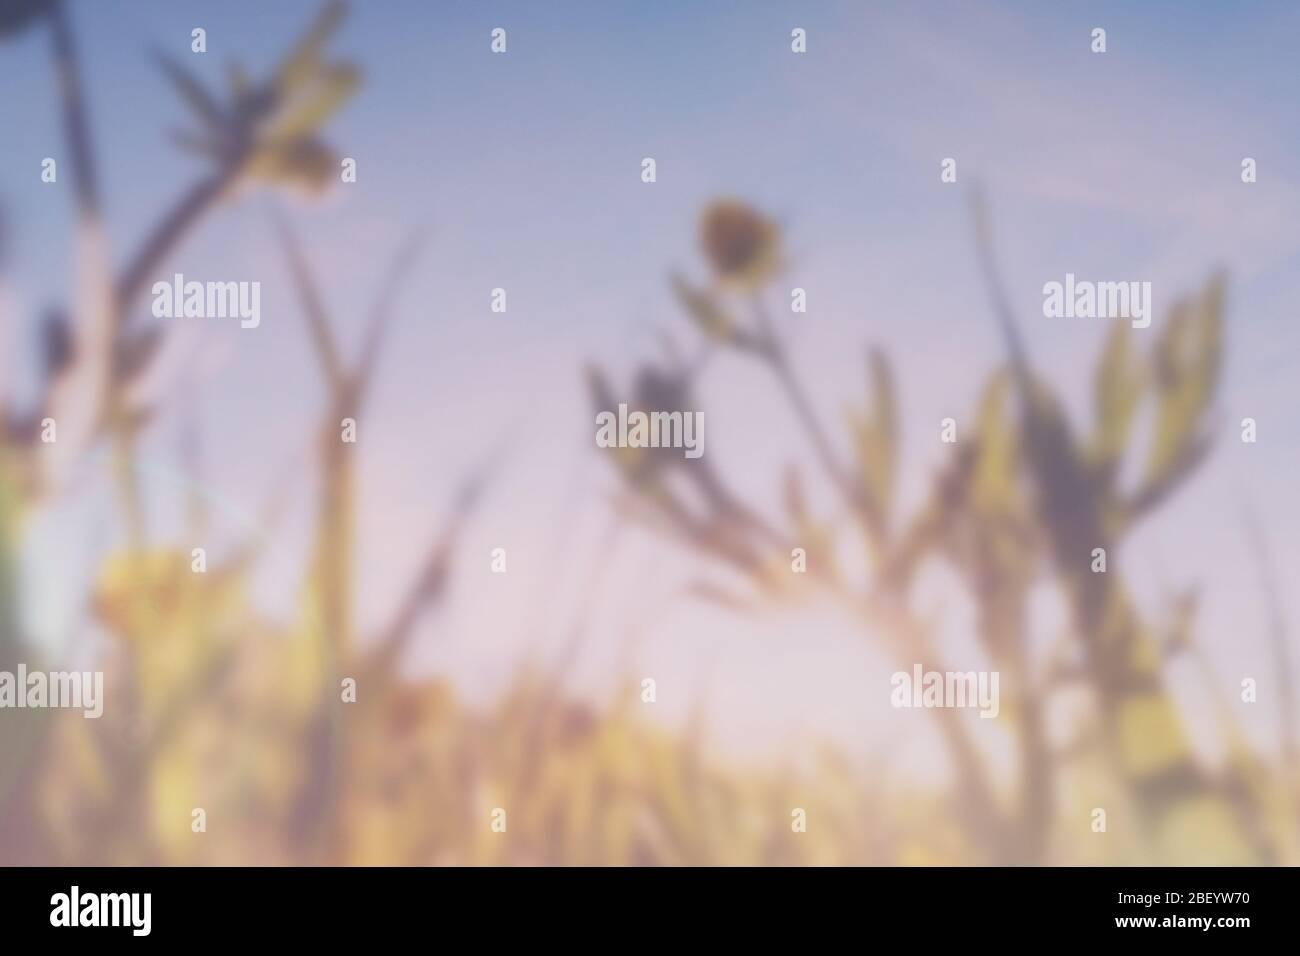 Une double exposition avec des fuites de lumière vintage d'une vue rapprochée de papillons floutés (Ranunculus) avec un résumé, le rêve expérimental comme le montage. Banque D'Images